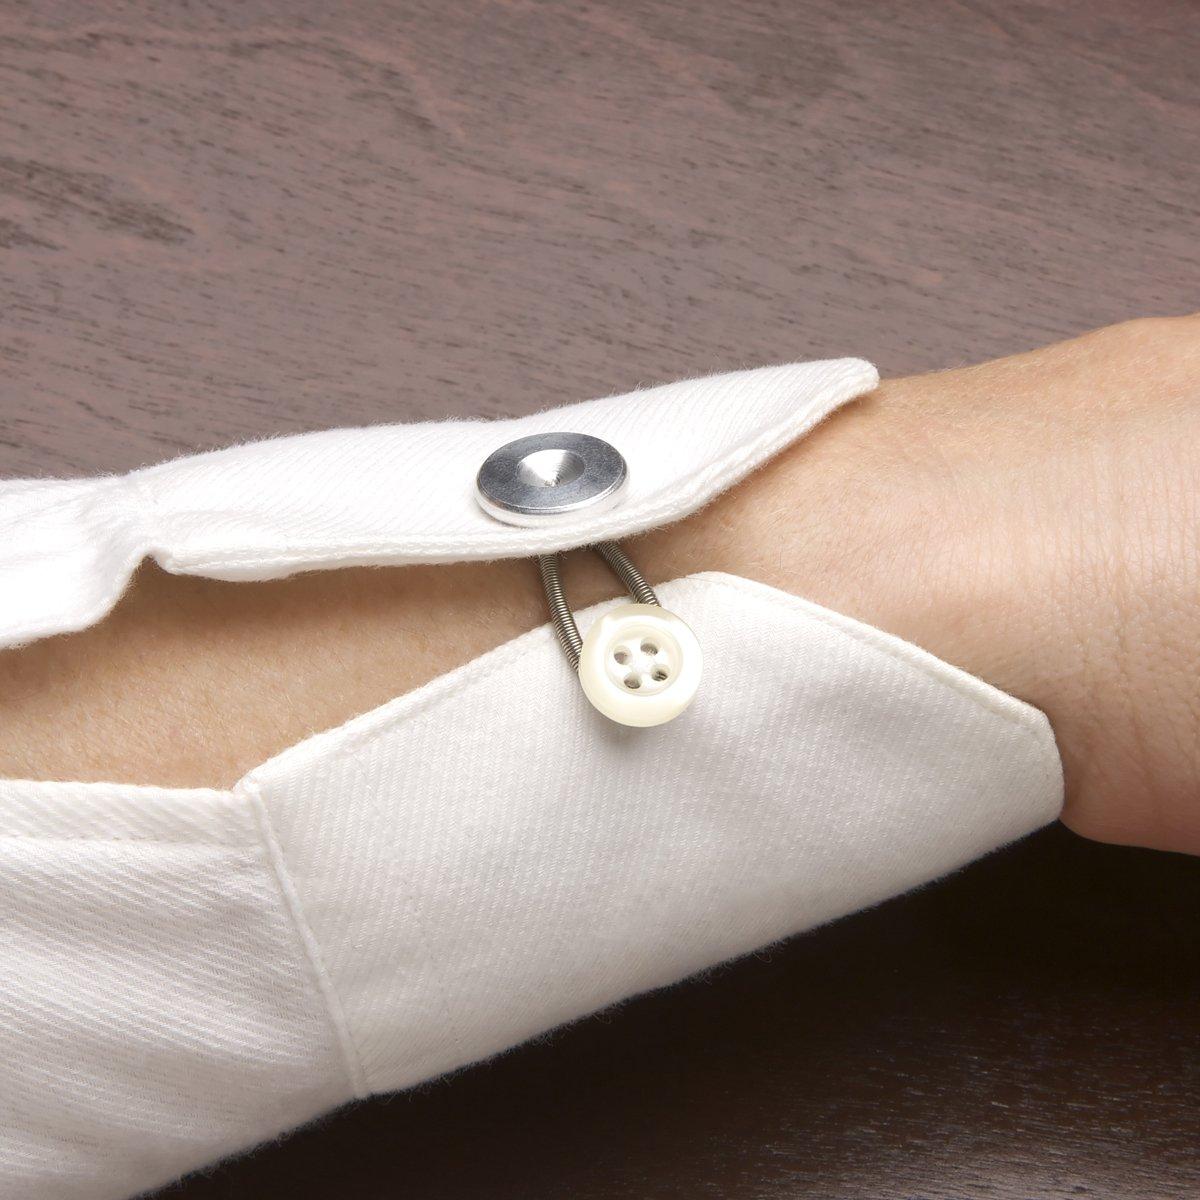 InterInnov Botones extensores, perfectos para pantalones, faldas, vaqueros, abrigos, cuellos de camisa